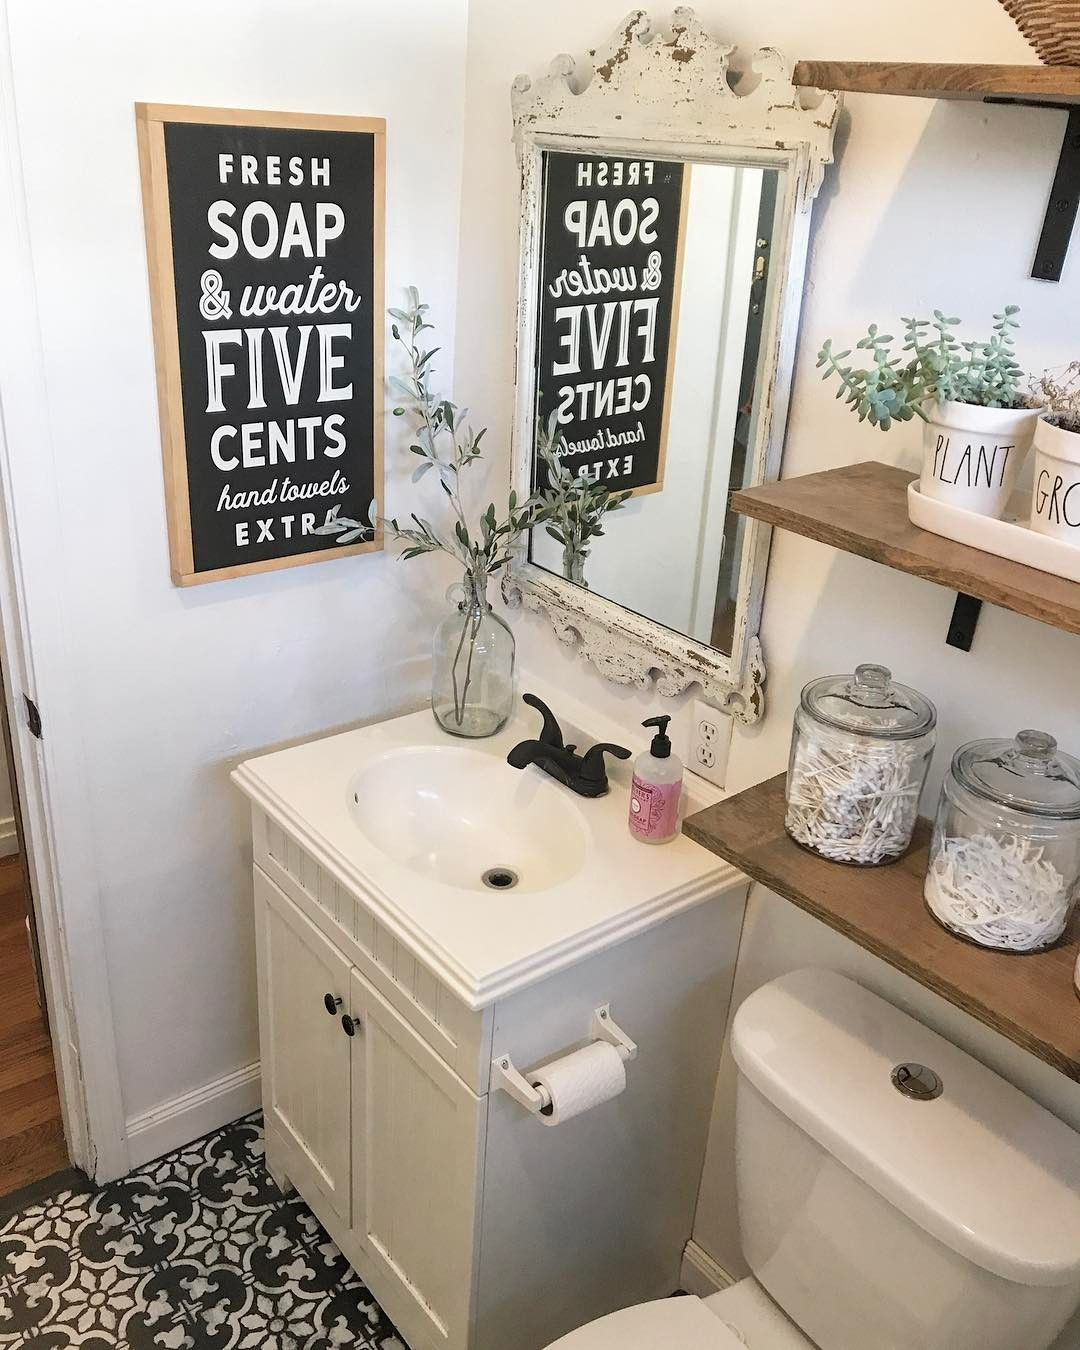 Vintage bathroom decor diy bathroom decor vintage bathrooms bath decor bathroom ideas